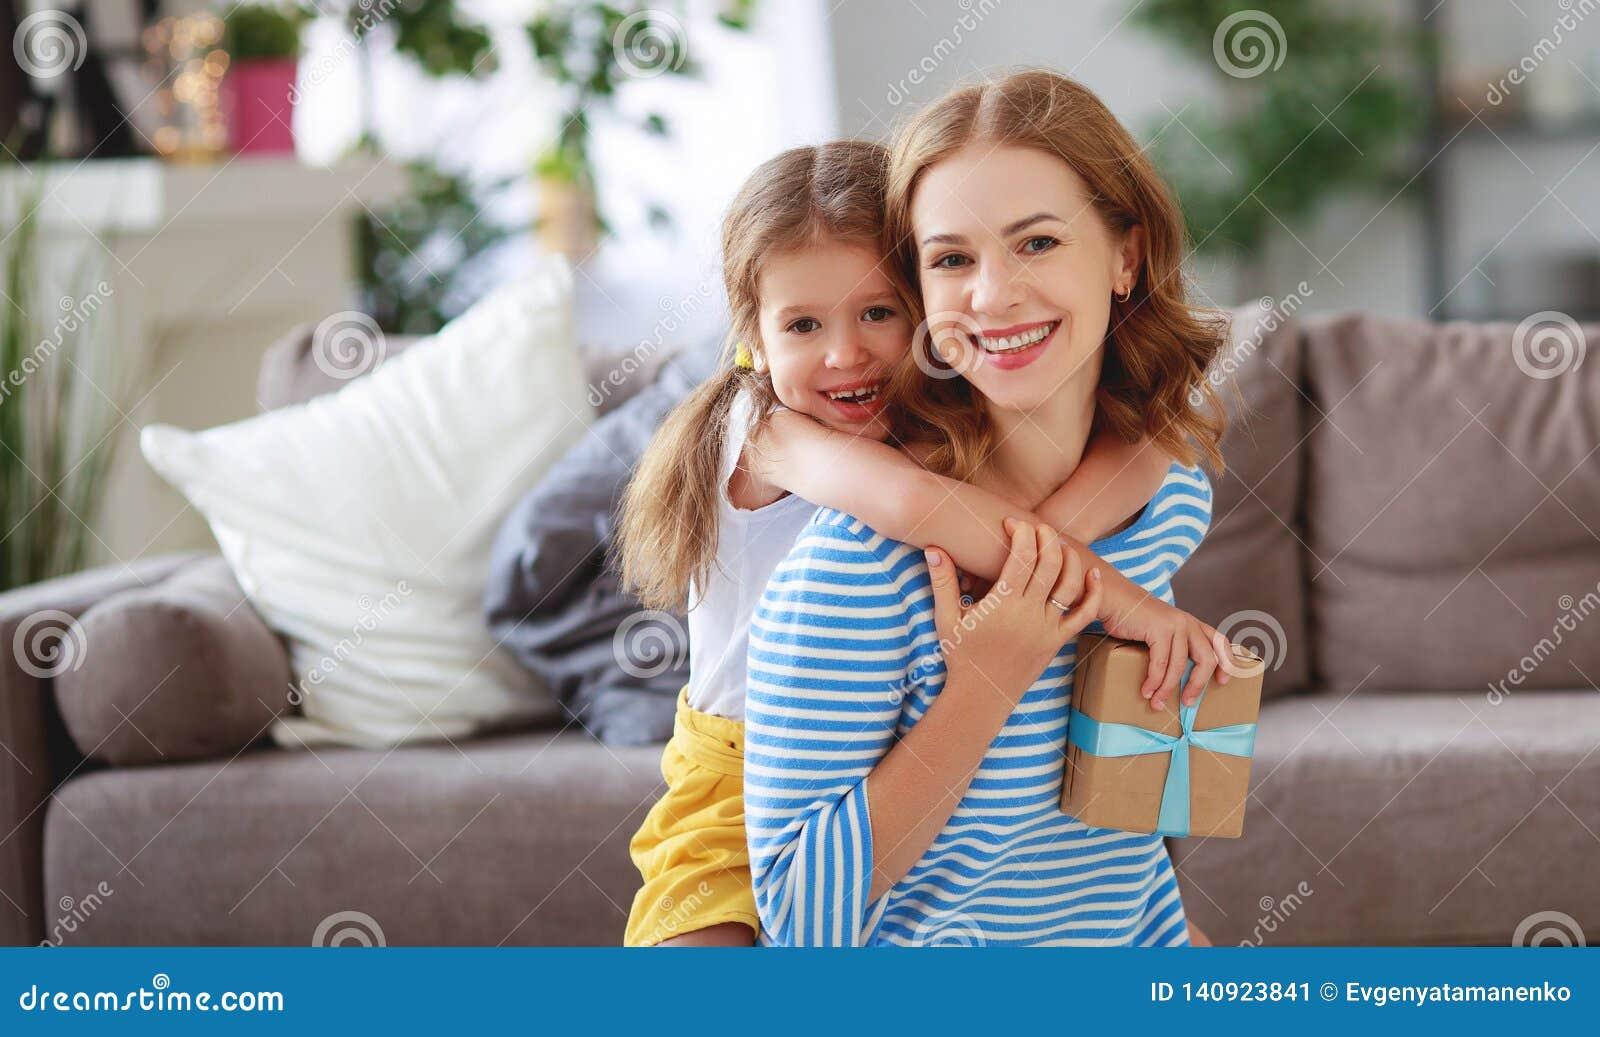 Lyckliga moders dag! barndottern ger modern en bukett av blommor till tulpan och gåvan